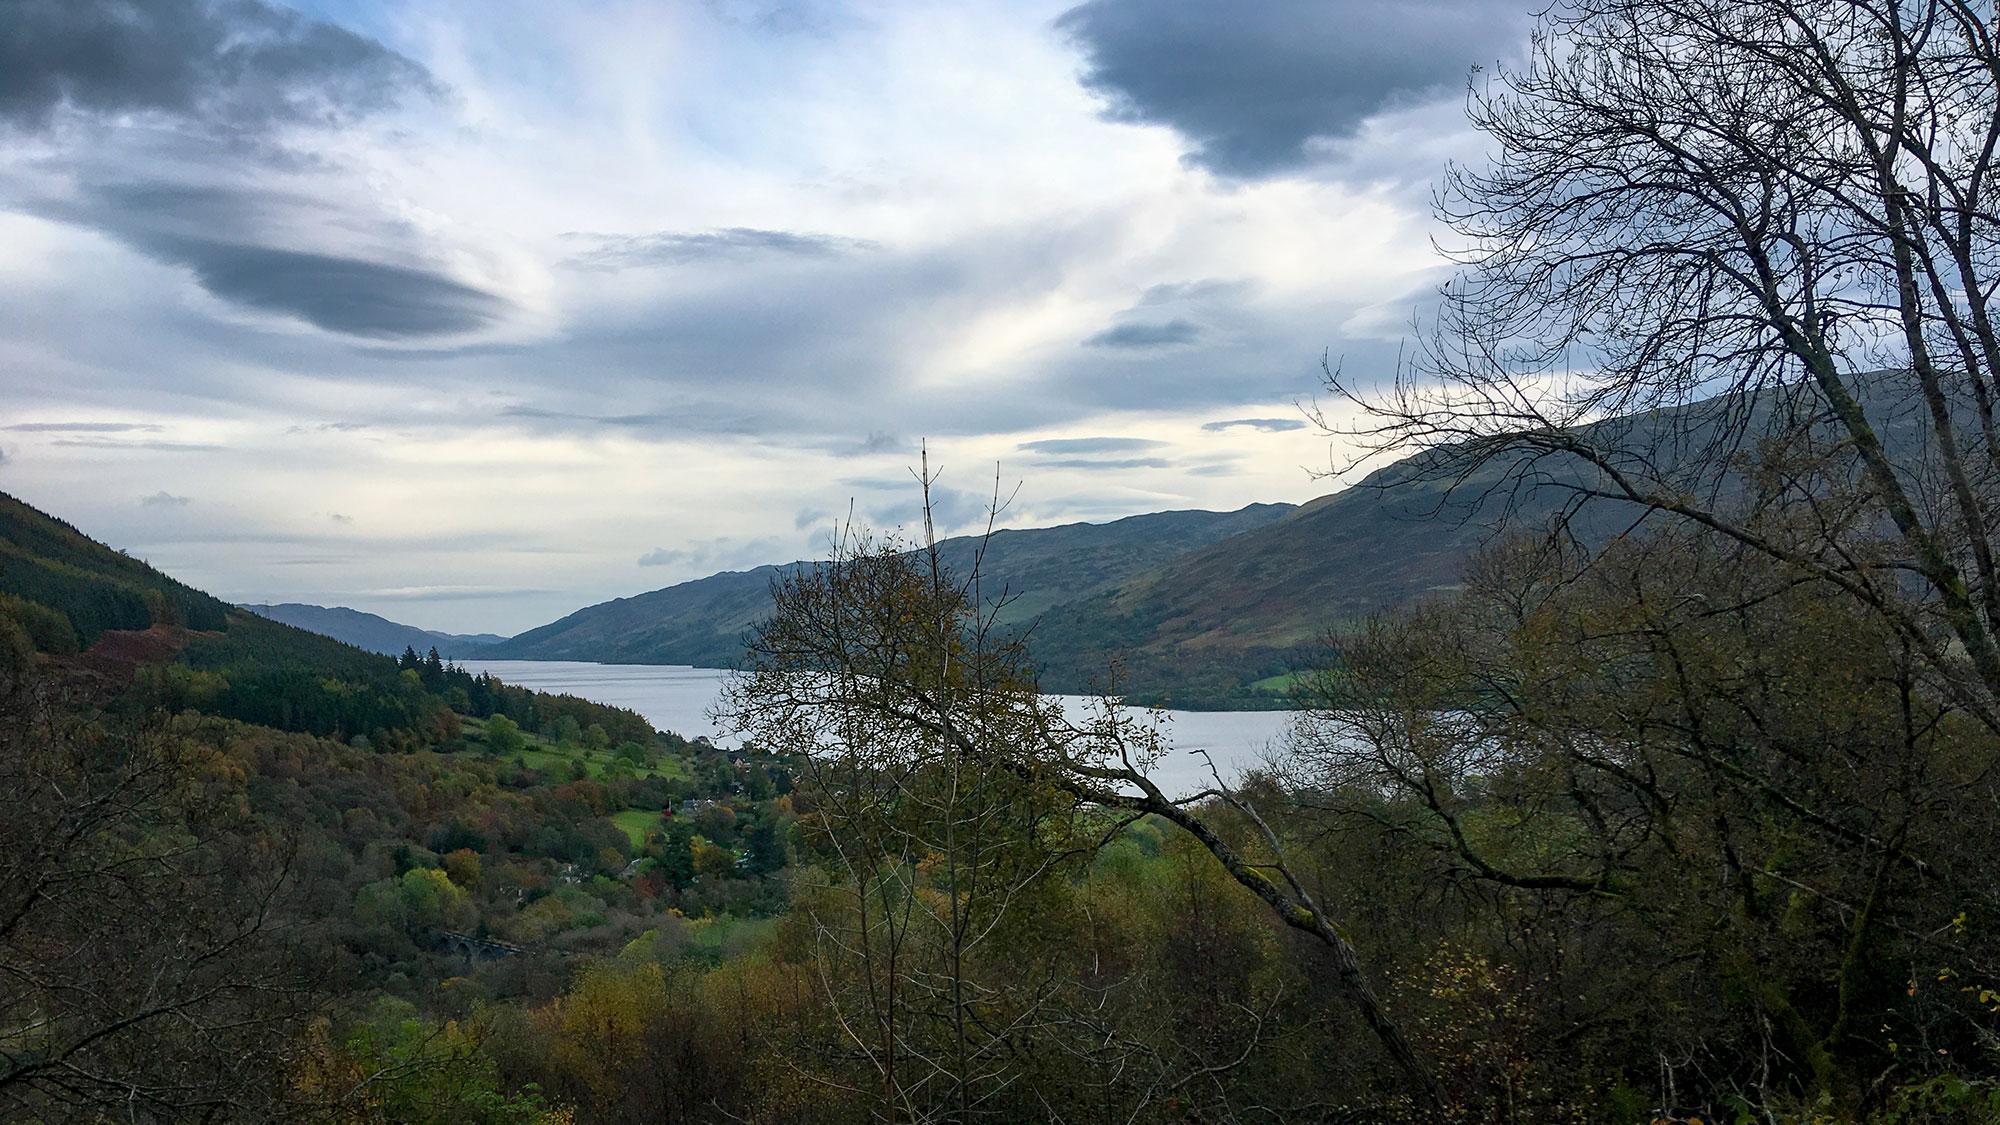 Loch Earn und LochearnheadBlick durch Bäume auf Loch Earn und Lochearnhead